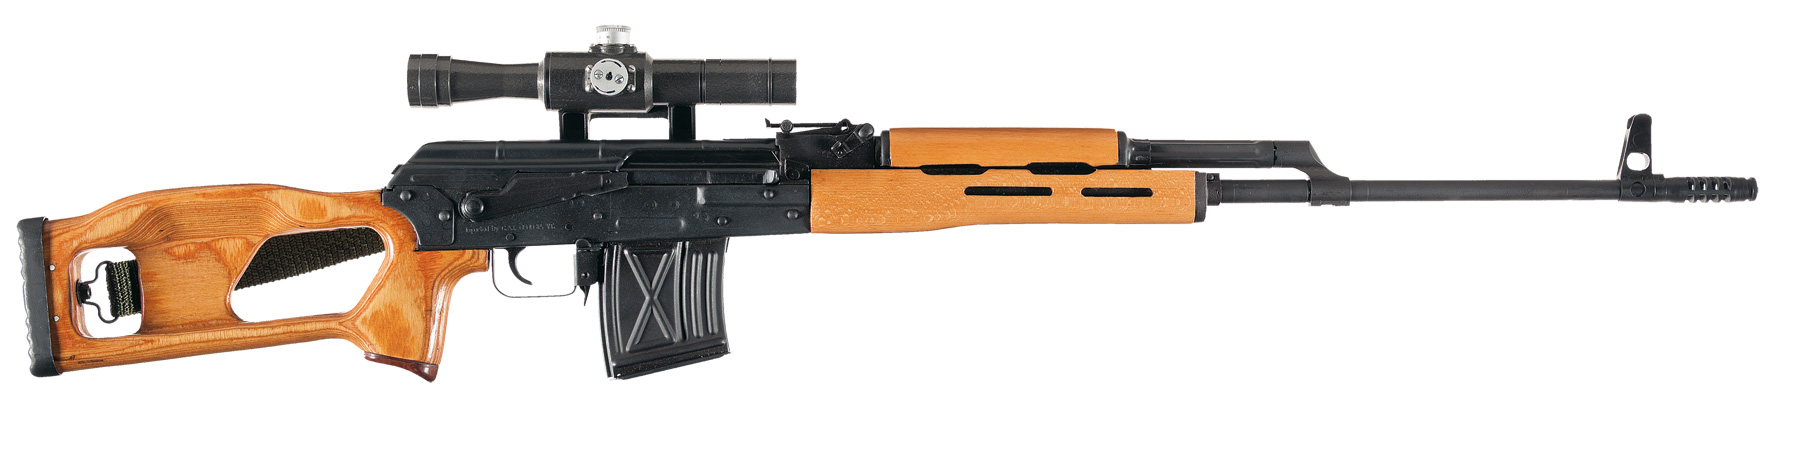 File:Psl sniper rifle.jpeg - Wikimedia Commons